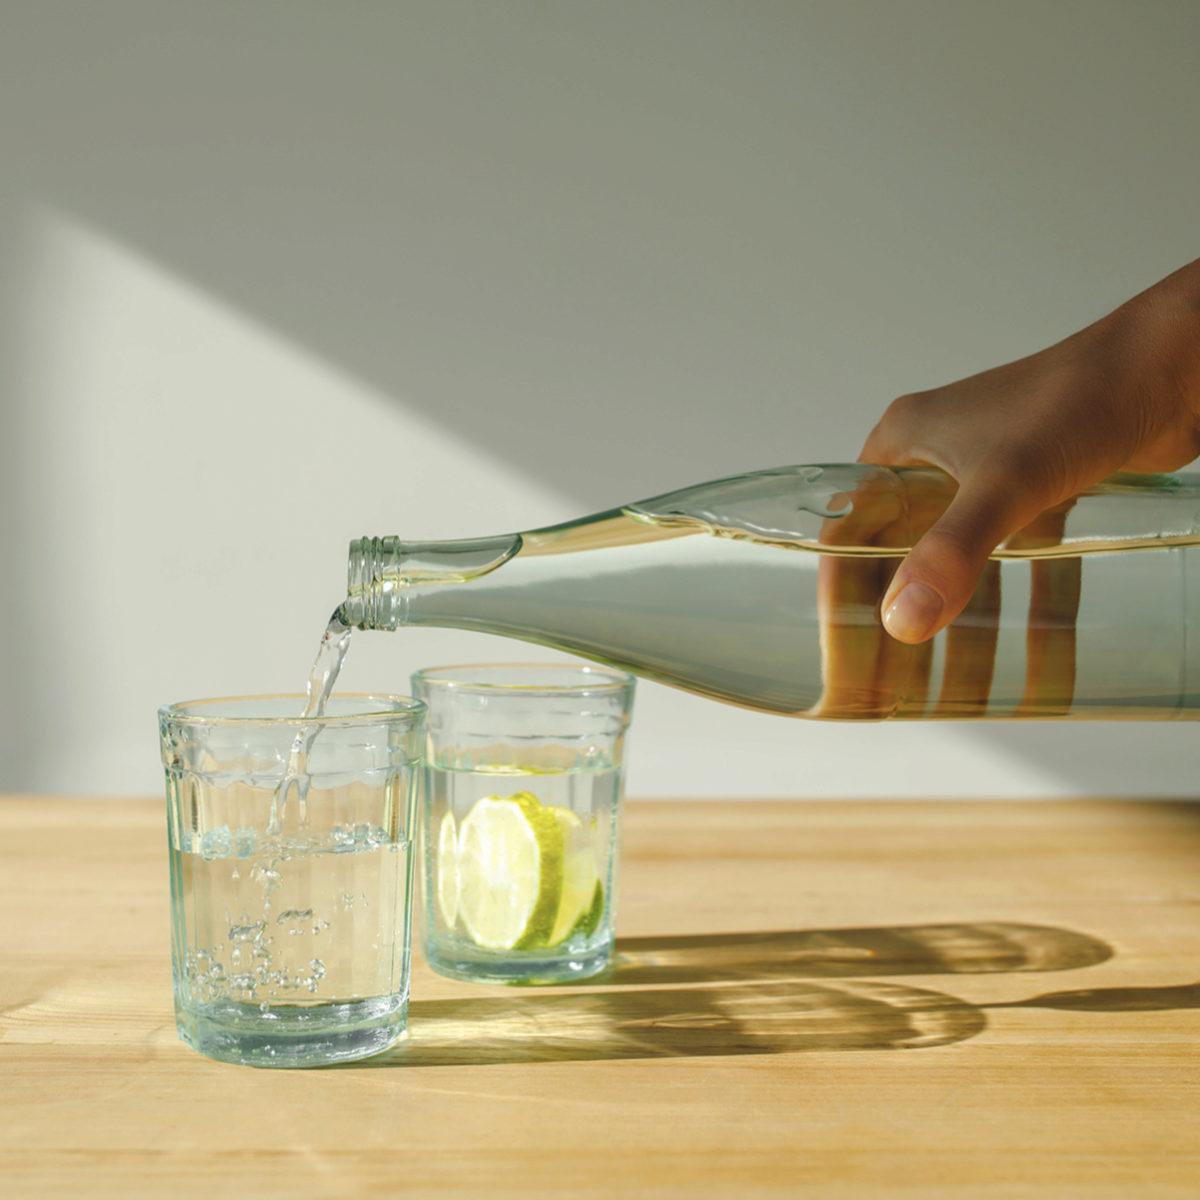 La hidratación es esencial para llevar un estilo de vida saludable.